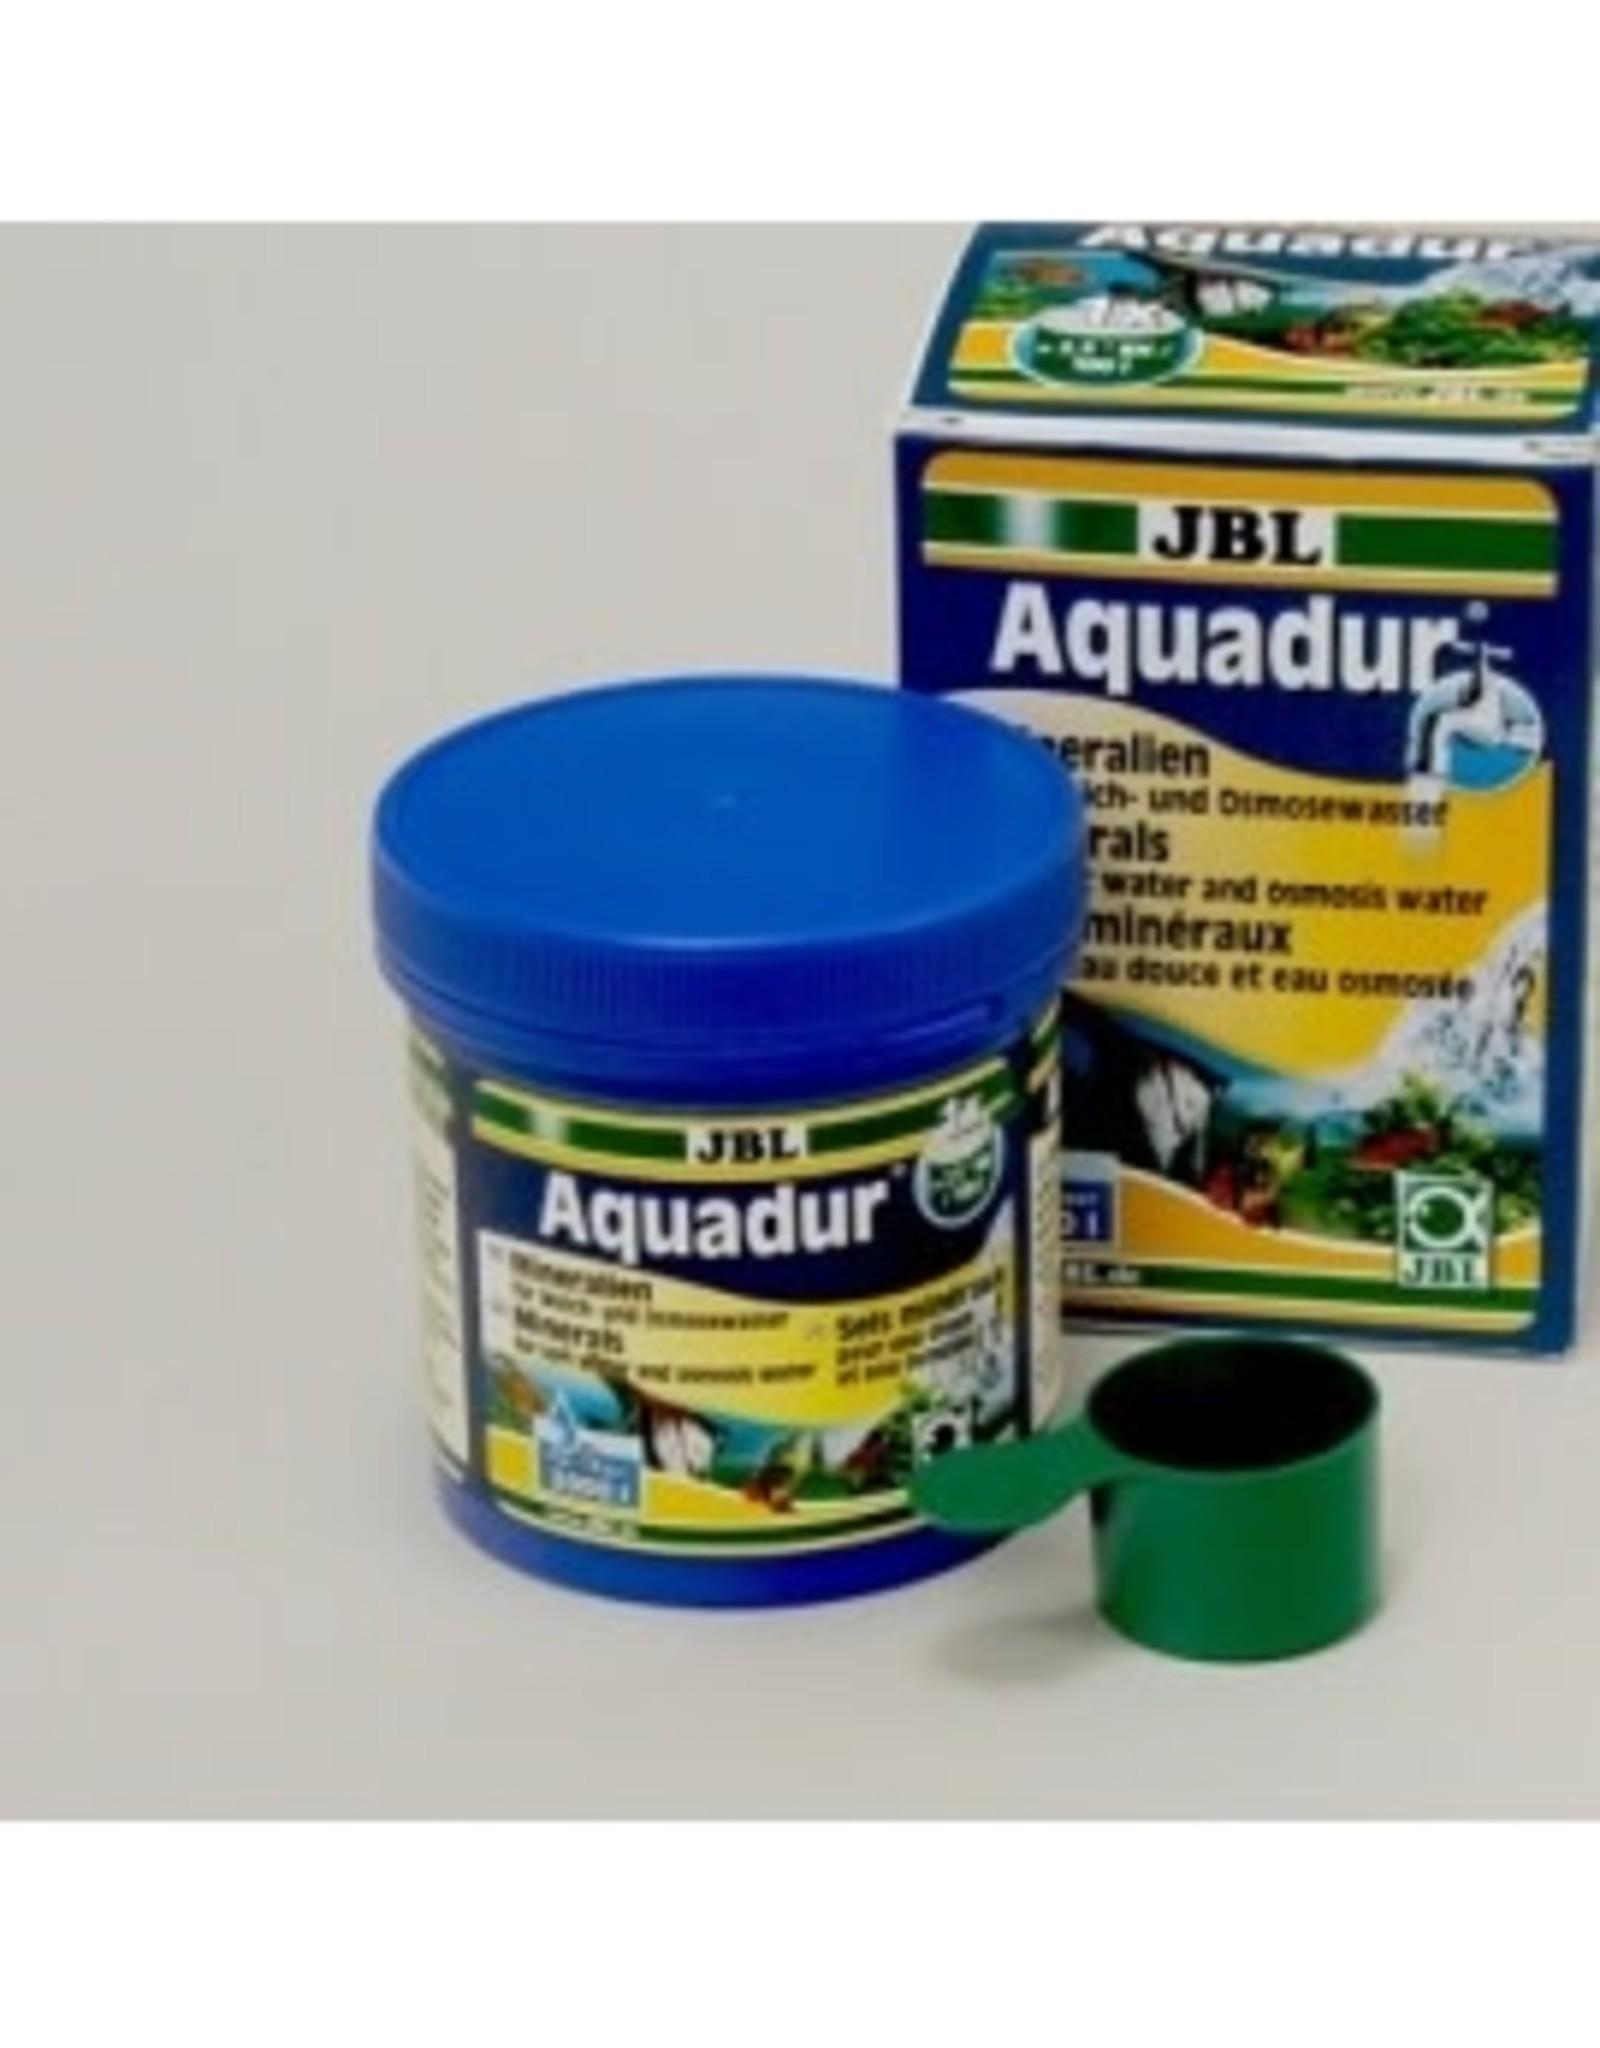 JBL AQUADUR JBL